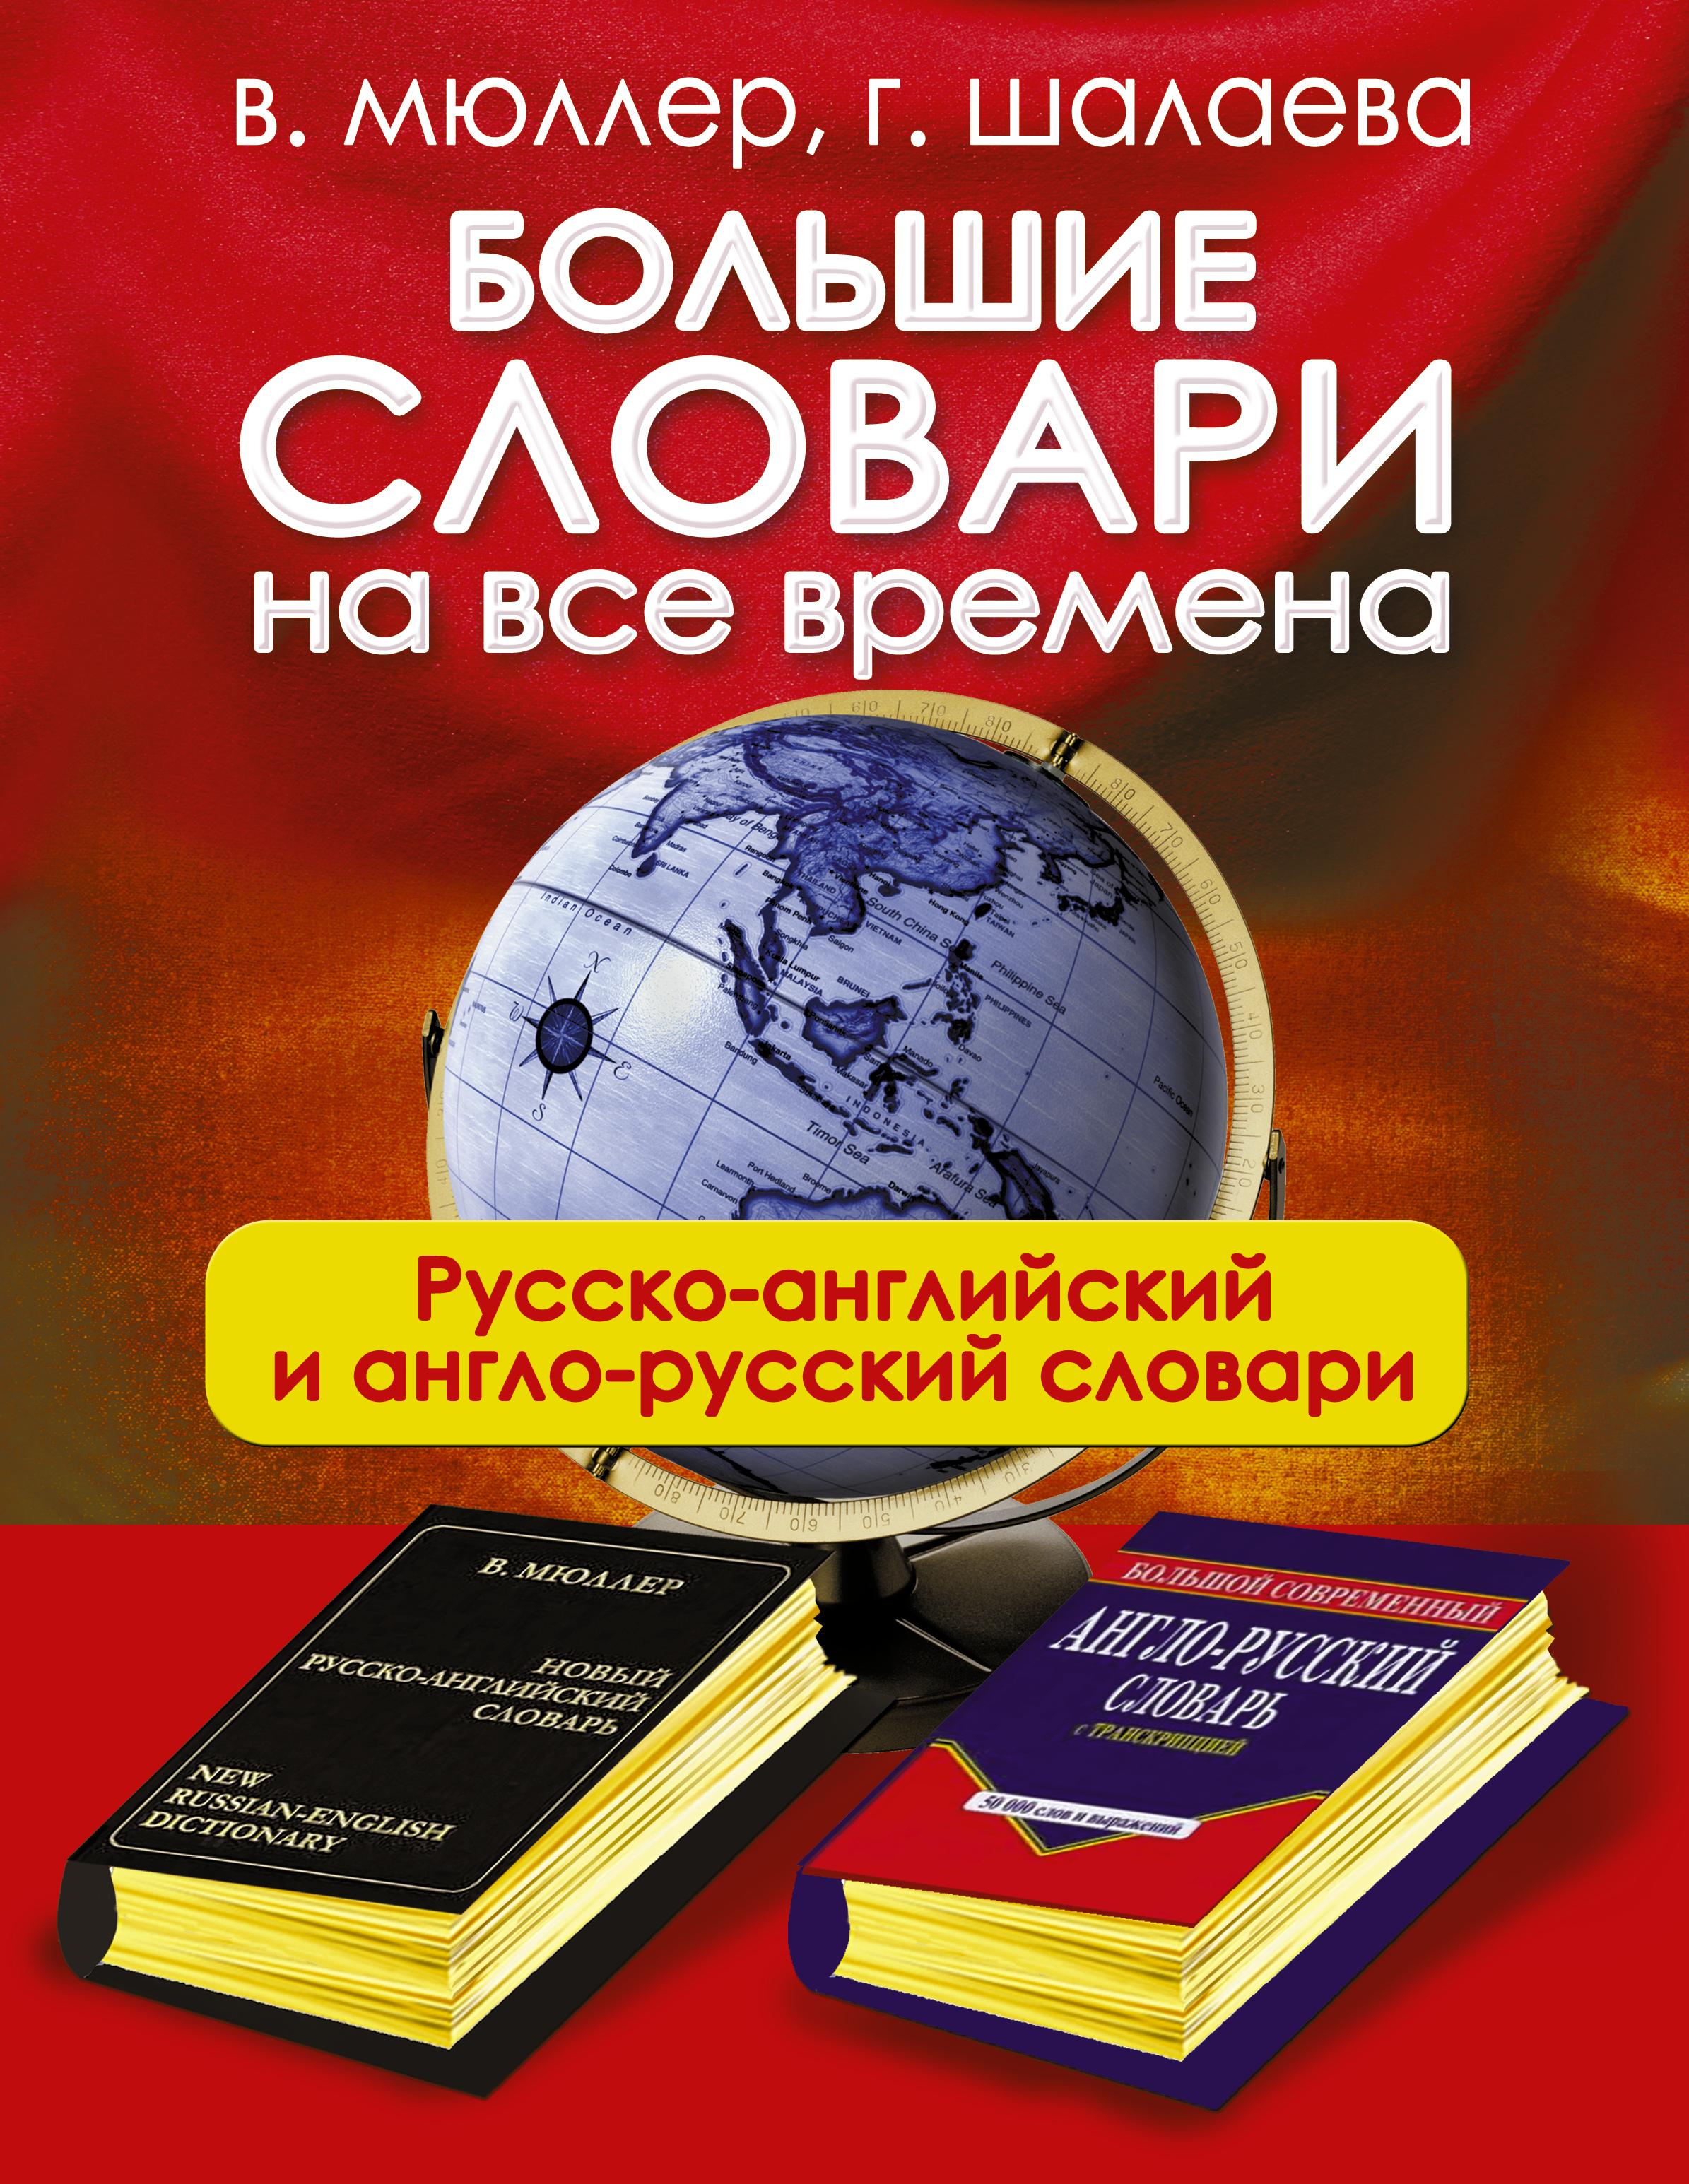 Мюллер В.К.,Шалаева Г.П. Большие словари на все времена. Русско-английский англо-русский словари ароматическая лампа посуда hong l53009